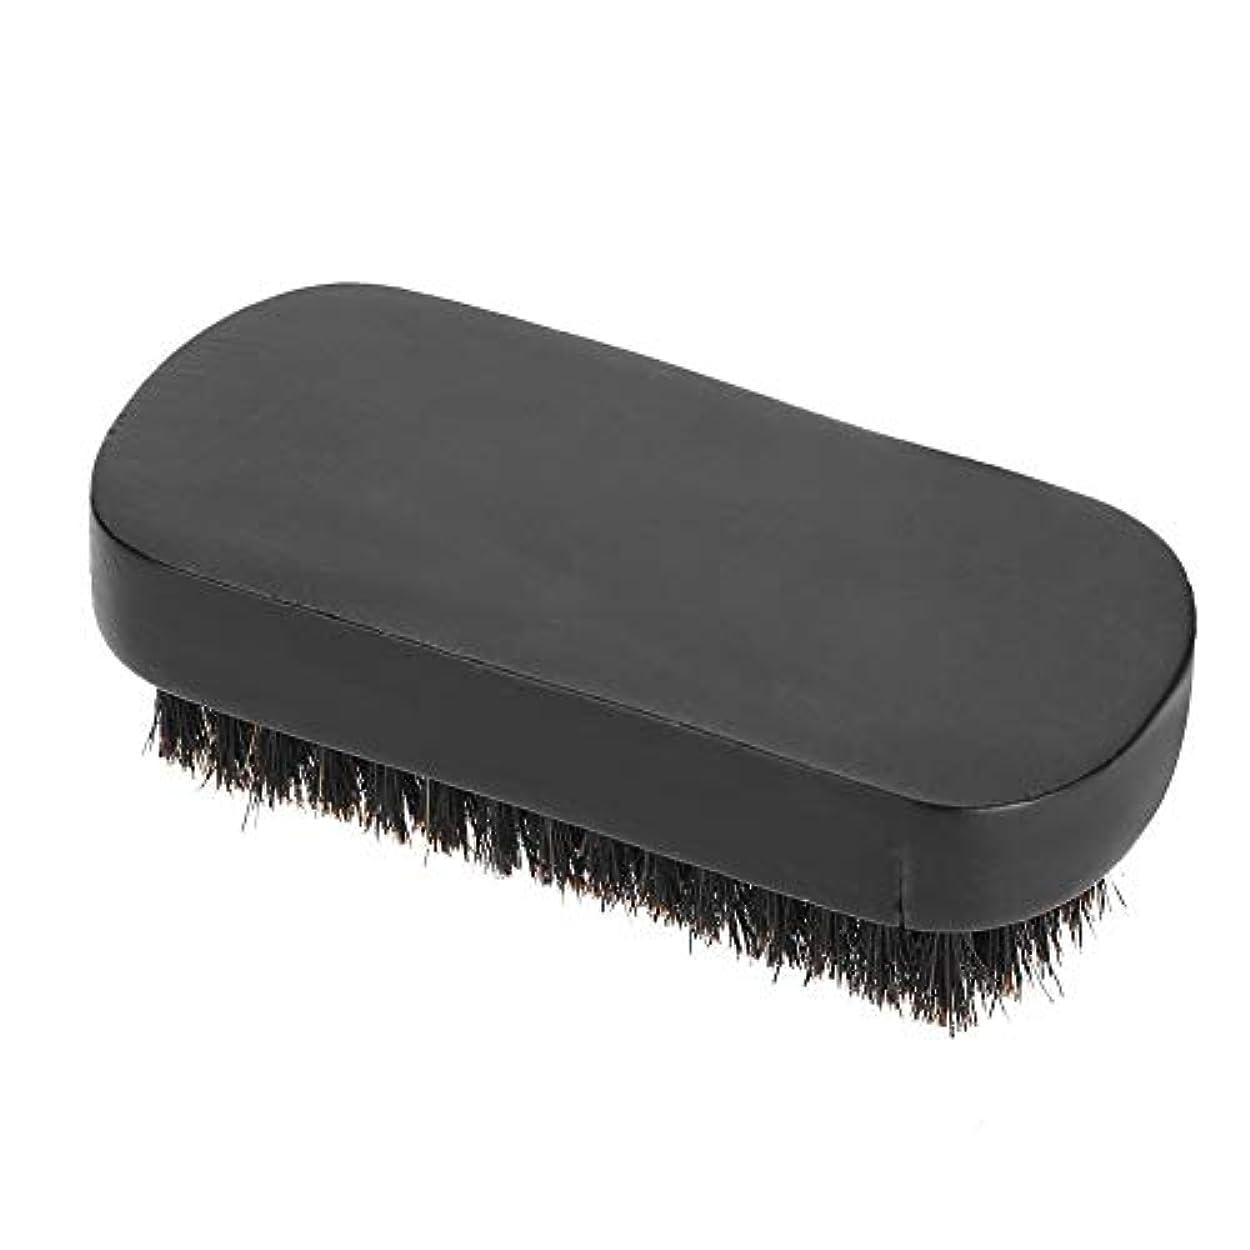 勝つ階層歌う髭剃りブラシ 男性用 2種 Simlug4qa5m8vwpx-01